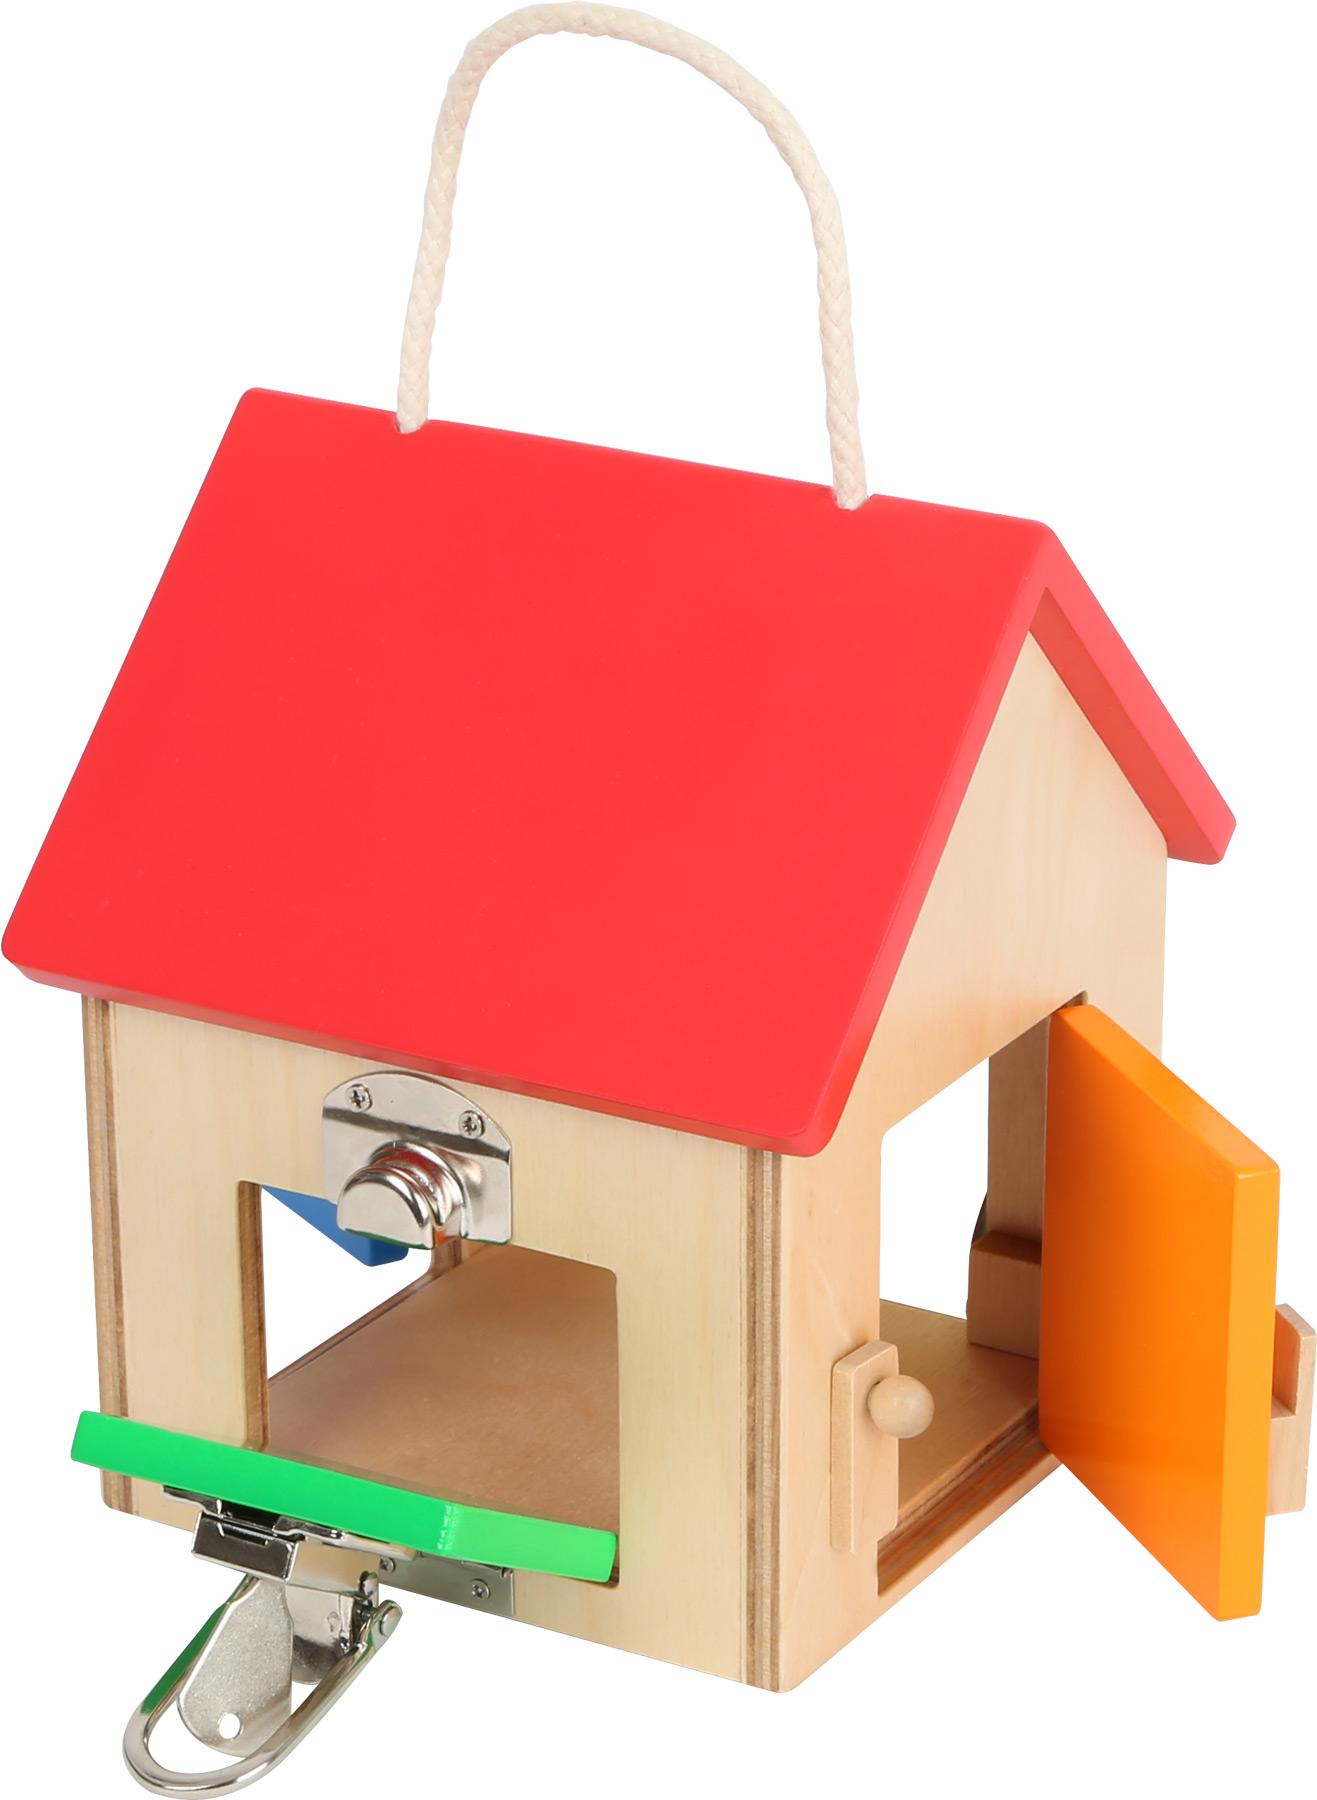 Maison à serrures compacte Smallfoot